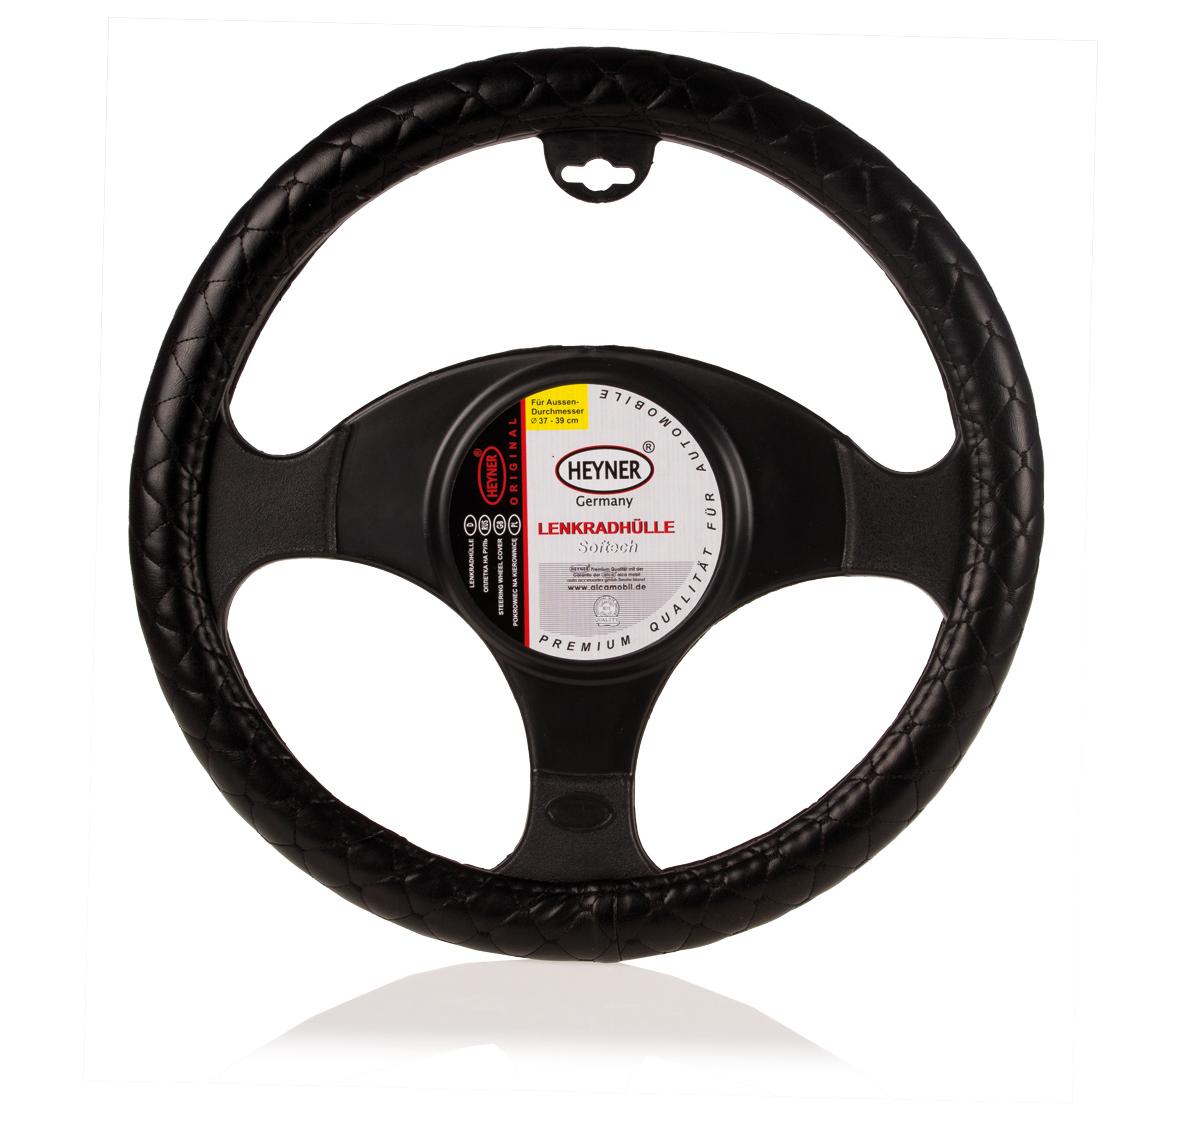 Чехол на руль Heyner, натуральная кожа, цвет: черный, диаметр 37-39 смCA-3505Чехол на руль нат.кожа черный d 37-39